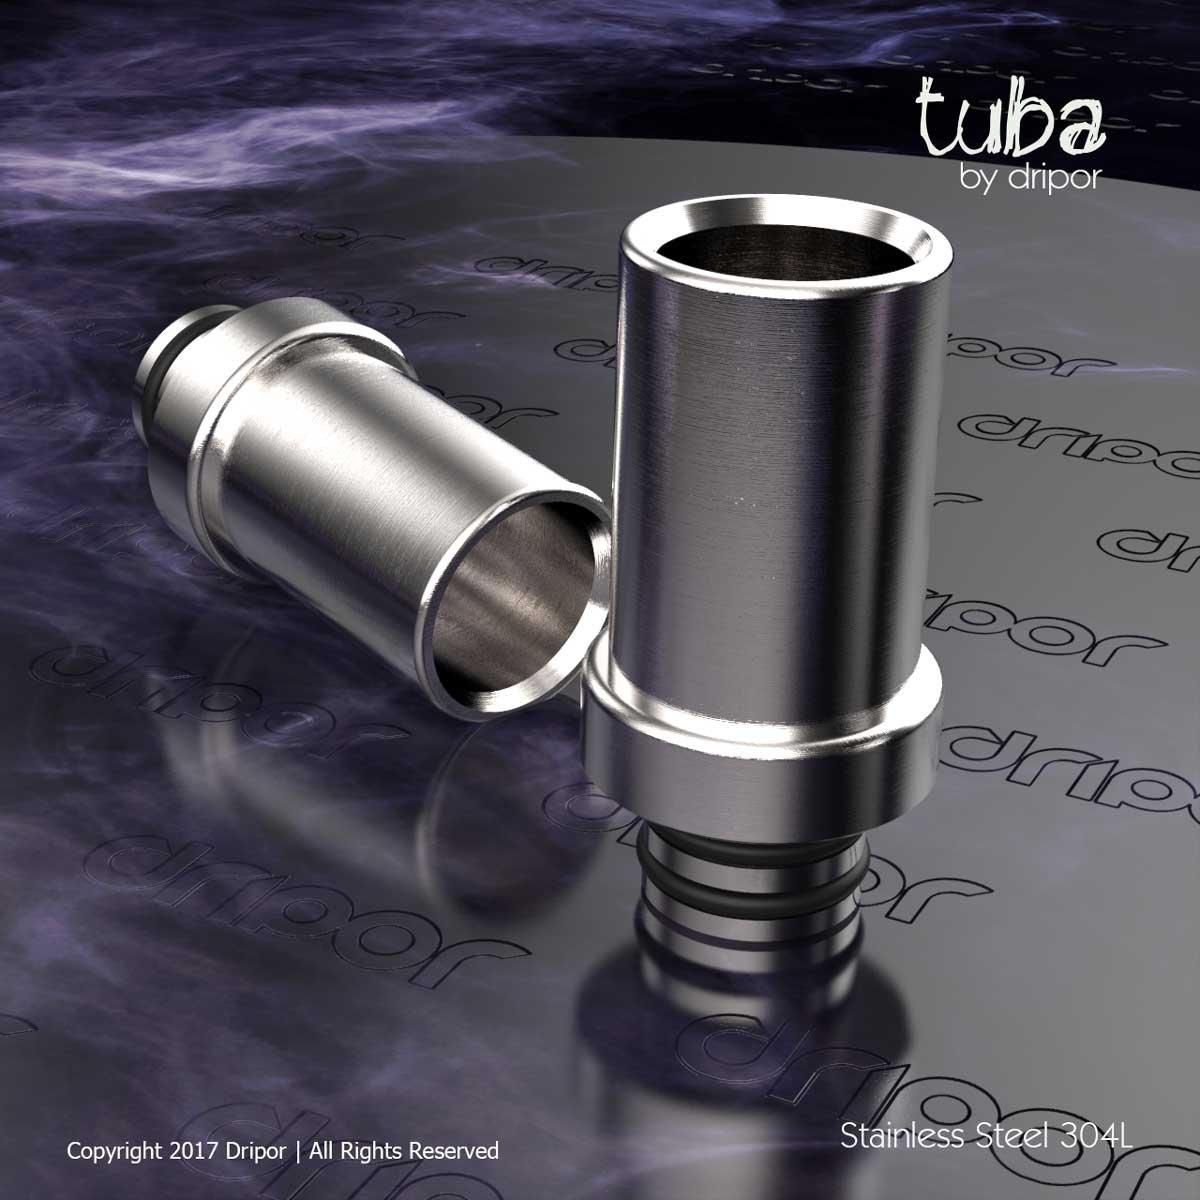 Tuba Acier Inoxydable 304L Drip Tip 510 Connexion Embouchure de Dripor